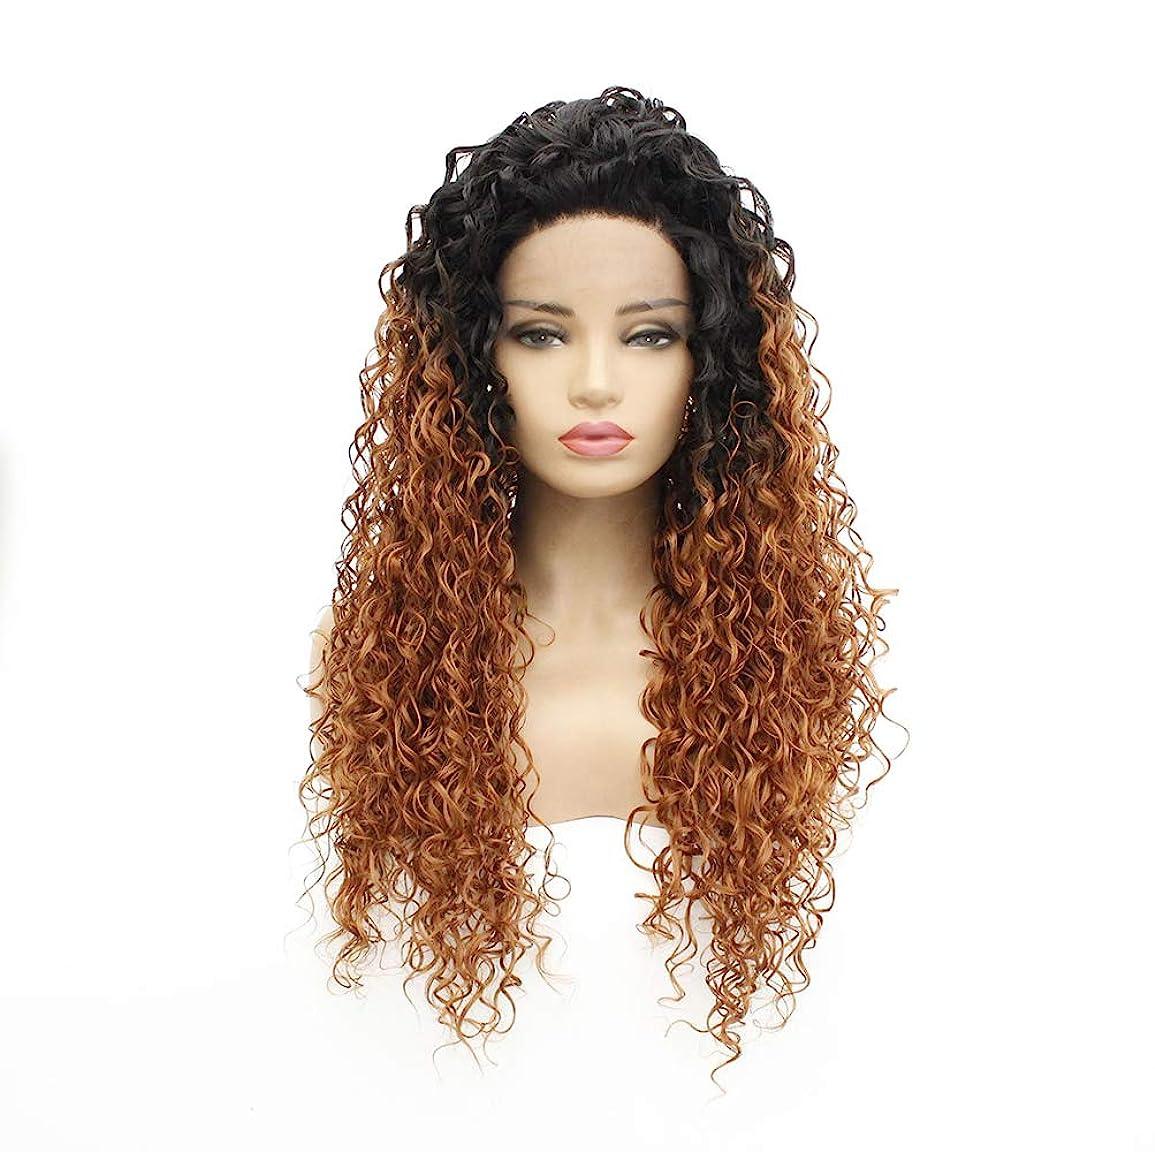 散髪無人警告女性150密度フロントレースかつらブラジルのremy耐熱繊維人工毛の赤ん坊の毛髪黒グラデーションブラウン